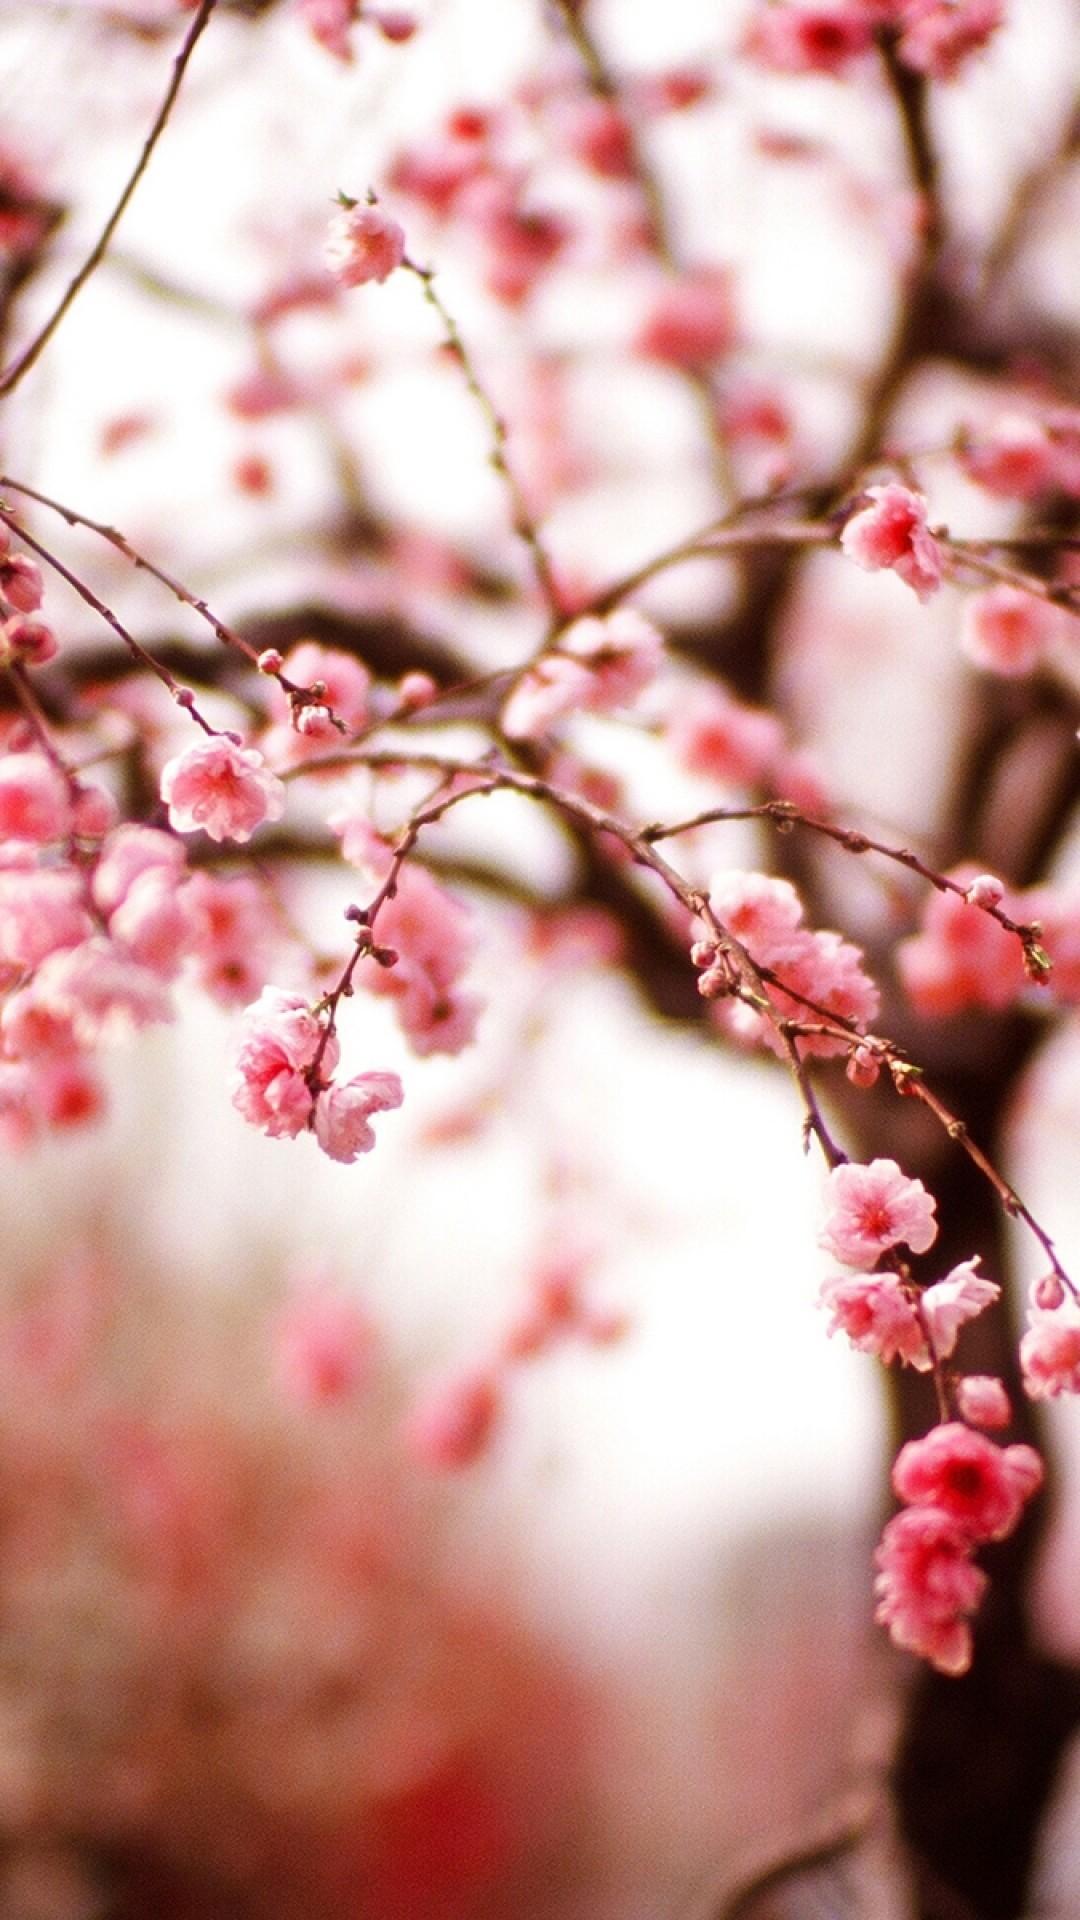 Cherry Blossom, Branches, Blurred, Sakura